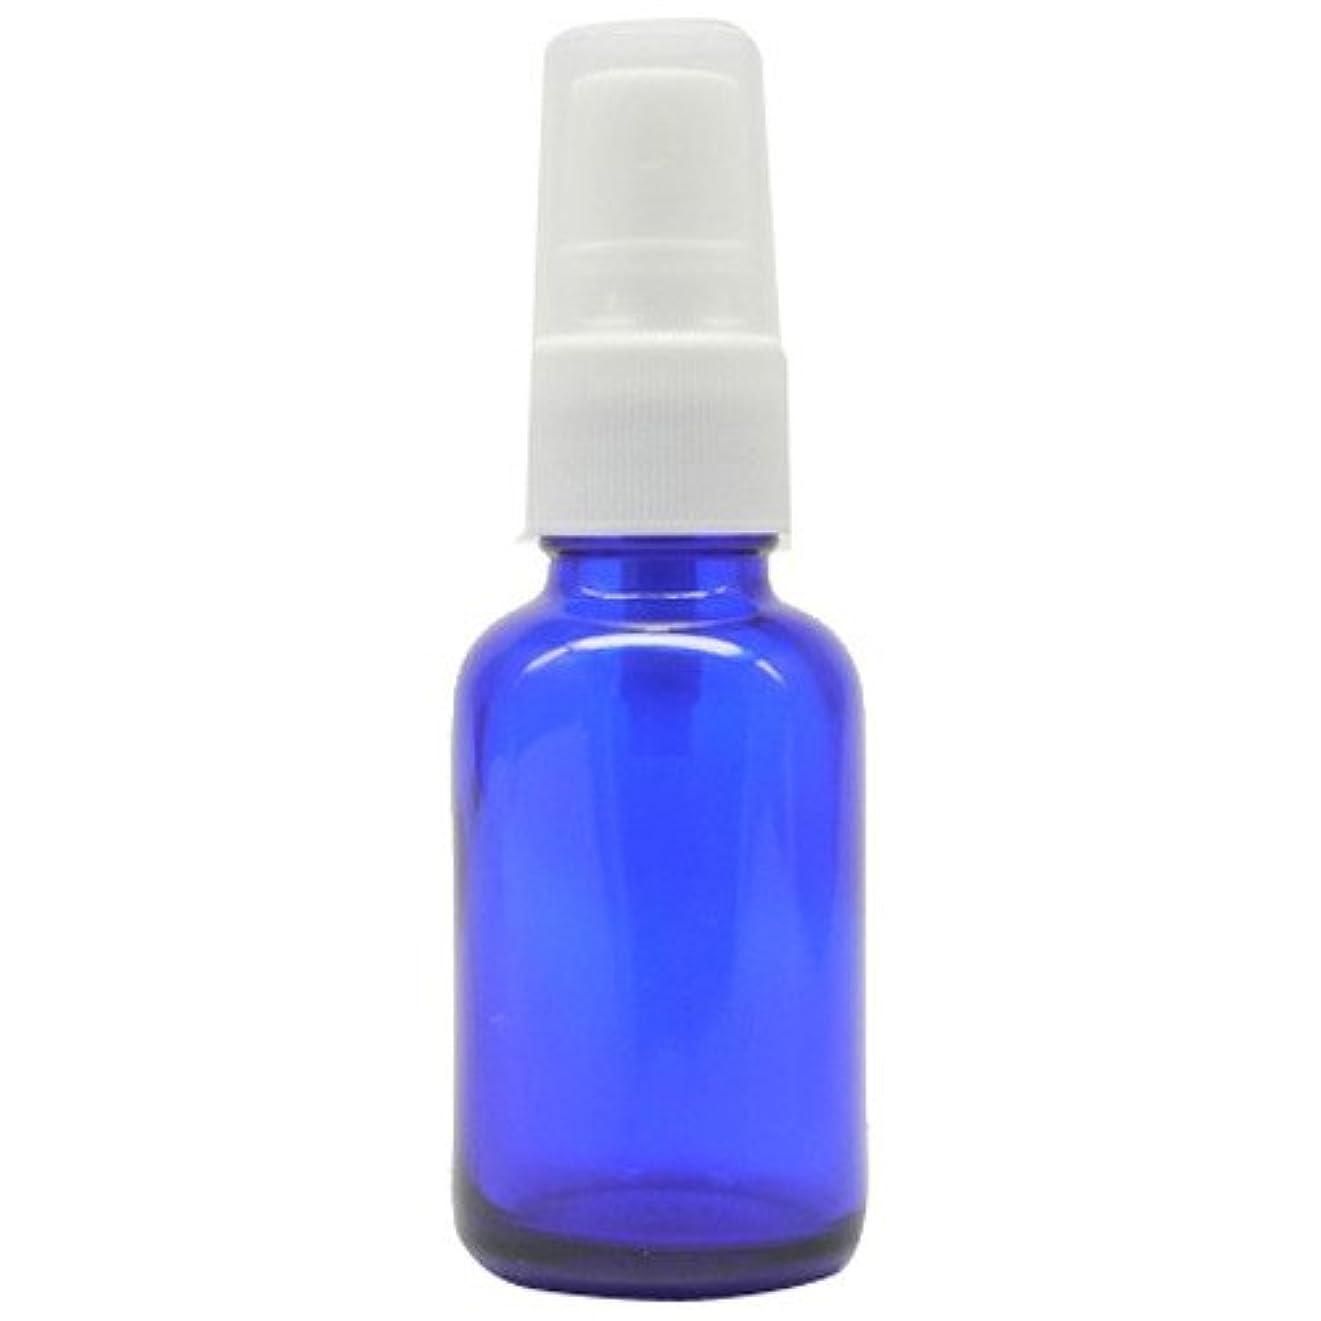 痛い渇き引き出すアロマアンドライフ (D)ブルースプレー瓶30ml 3本セット